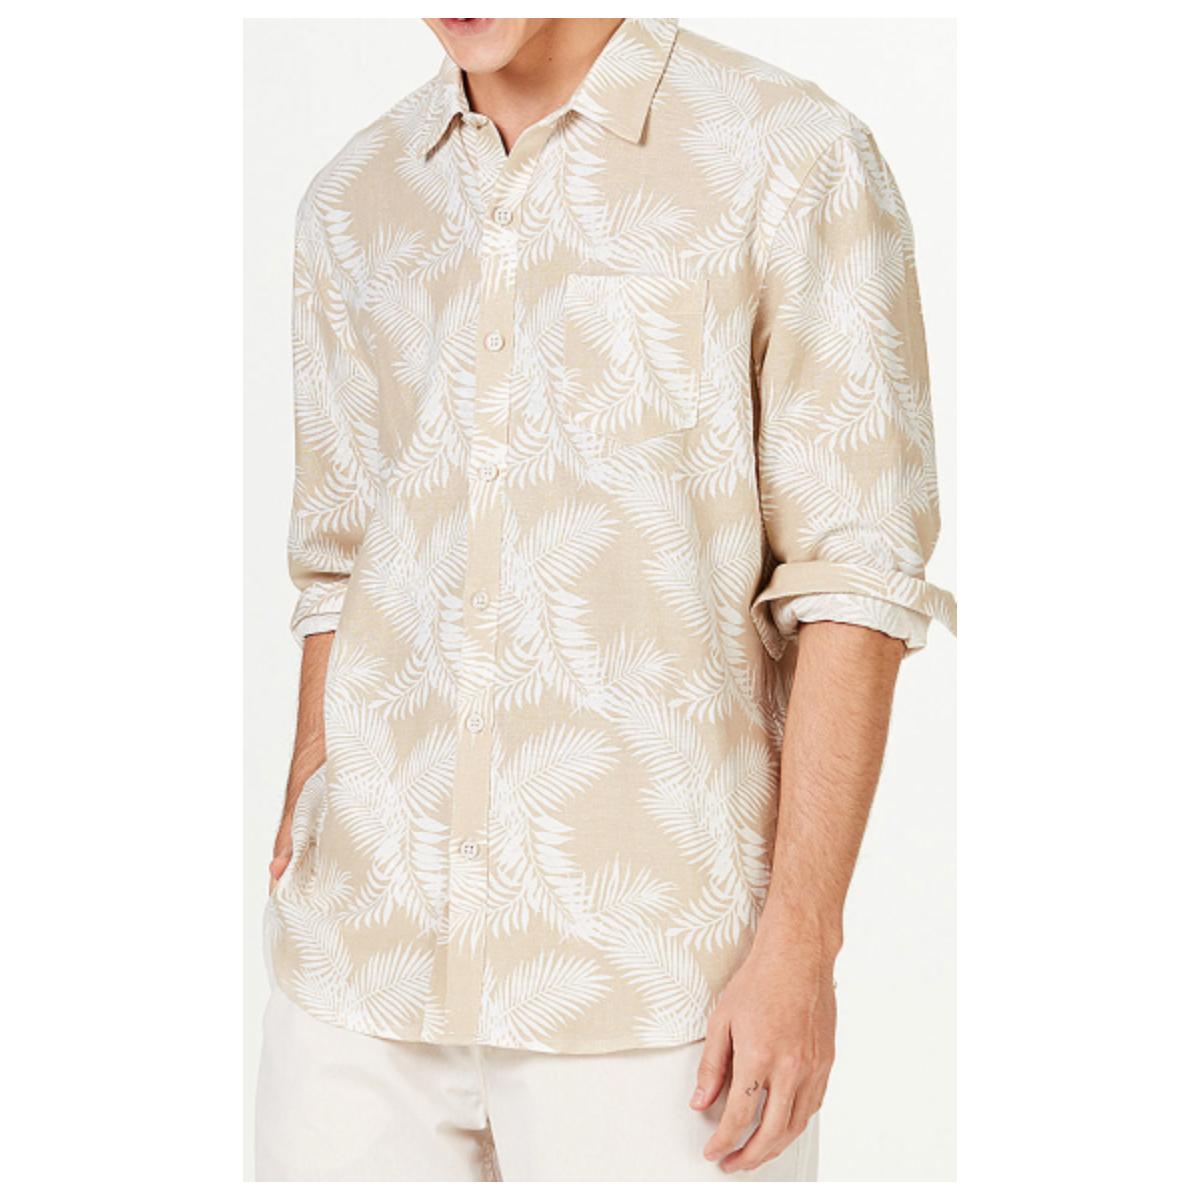 Camisa Masculina Hering Ktz4 1asi Bege/branco